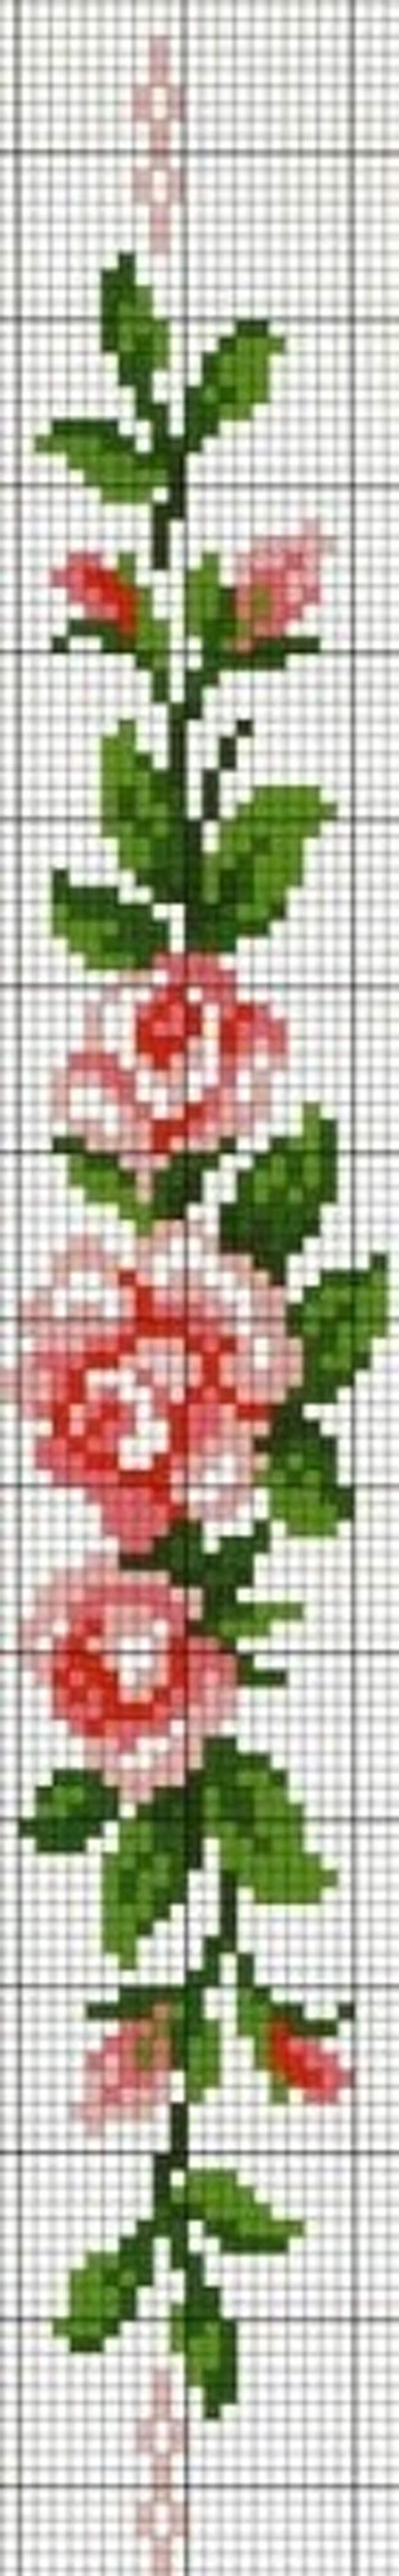 24 (91x587, 70Kb)